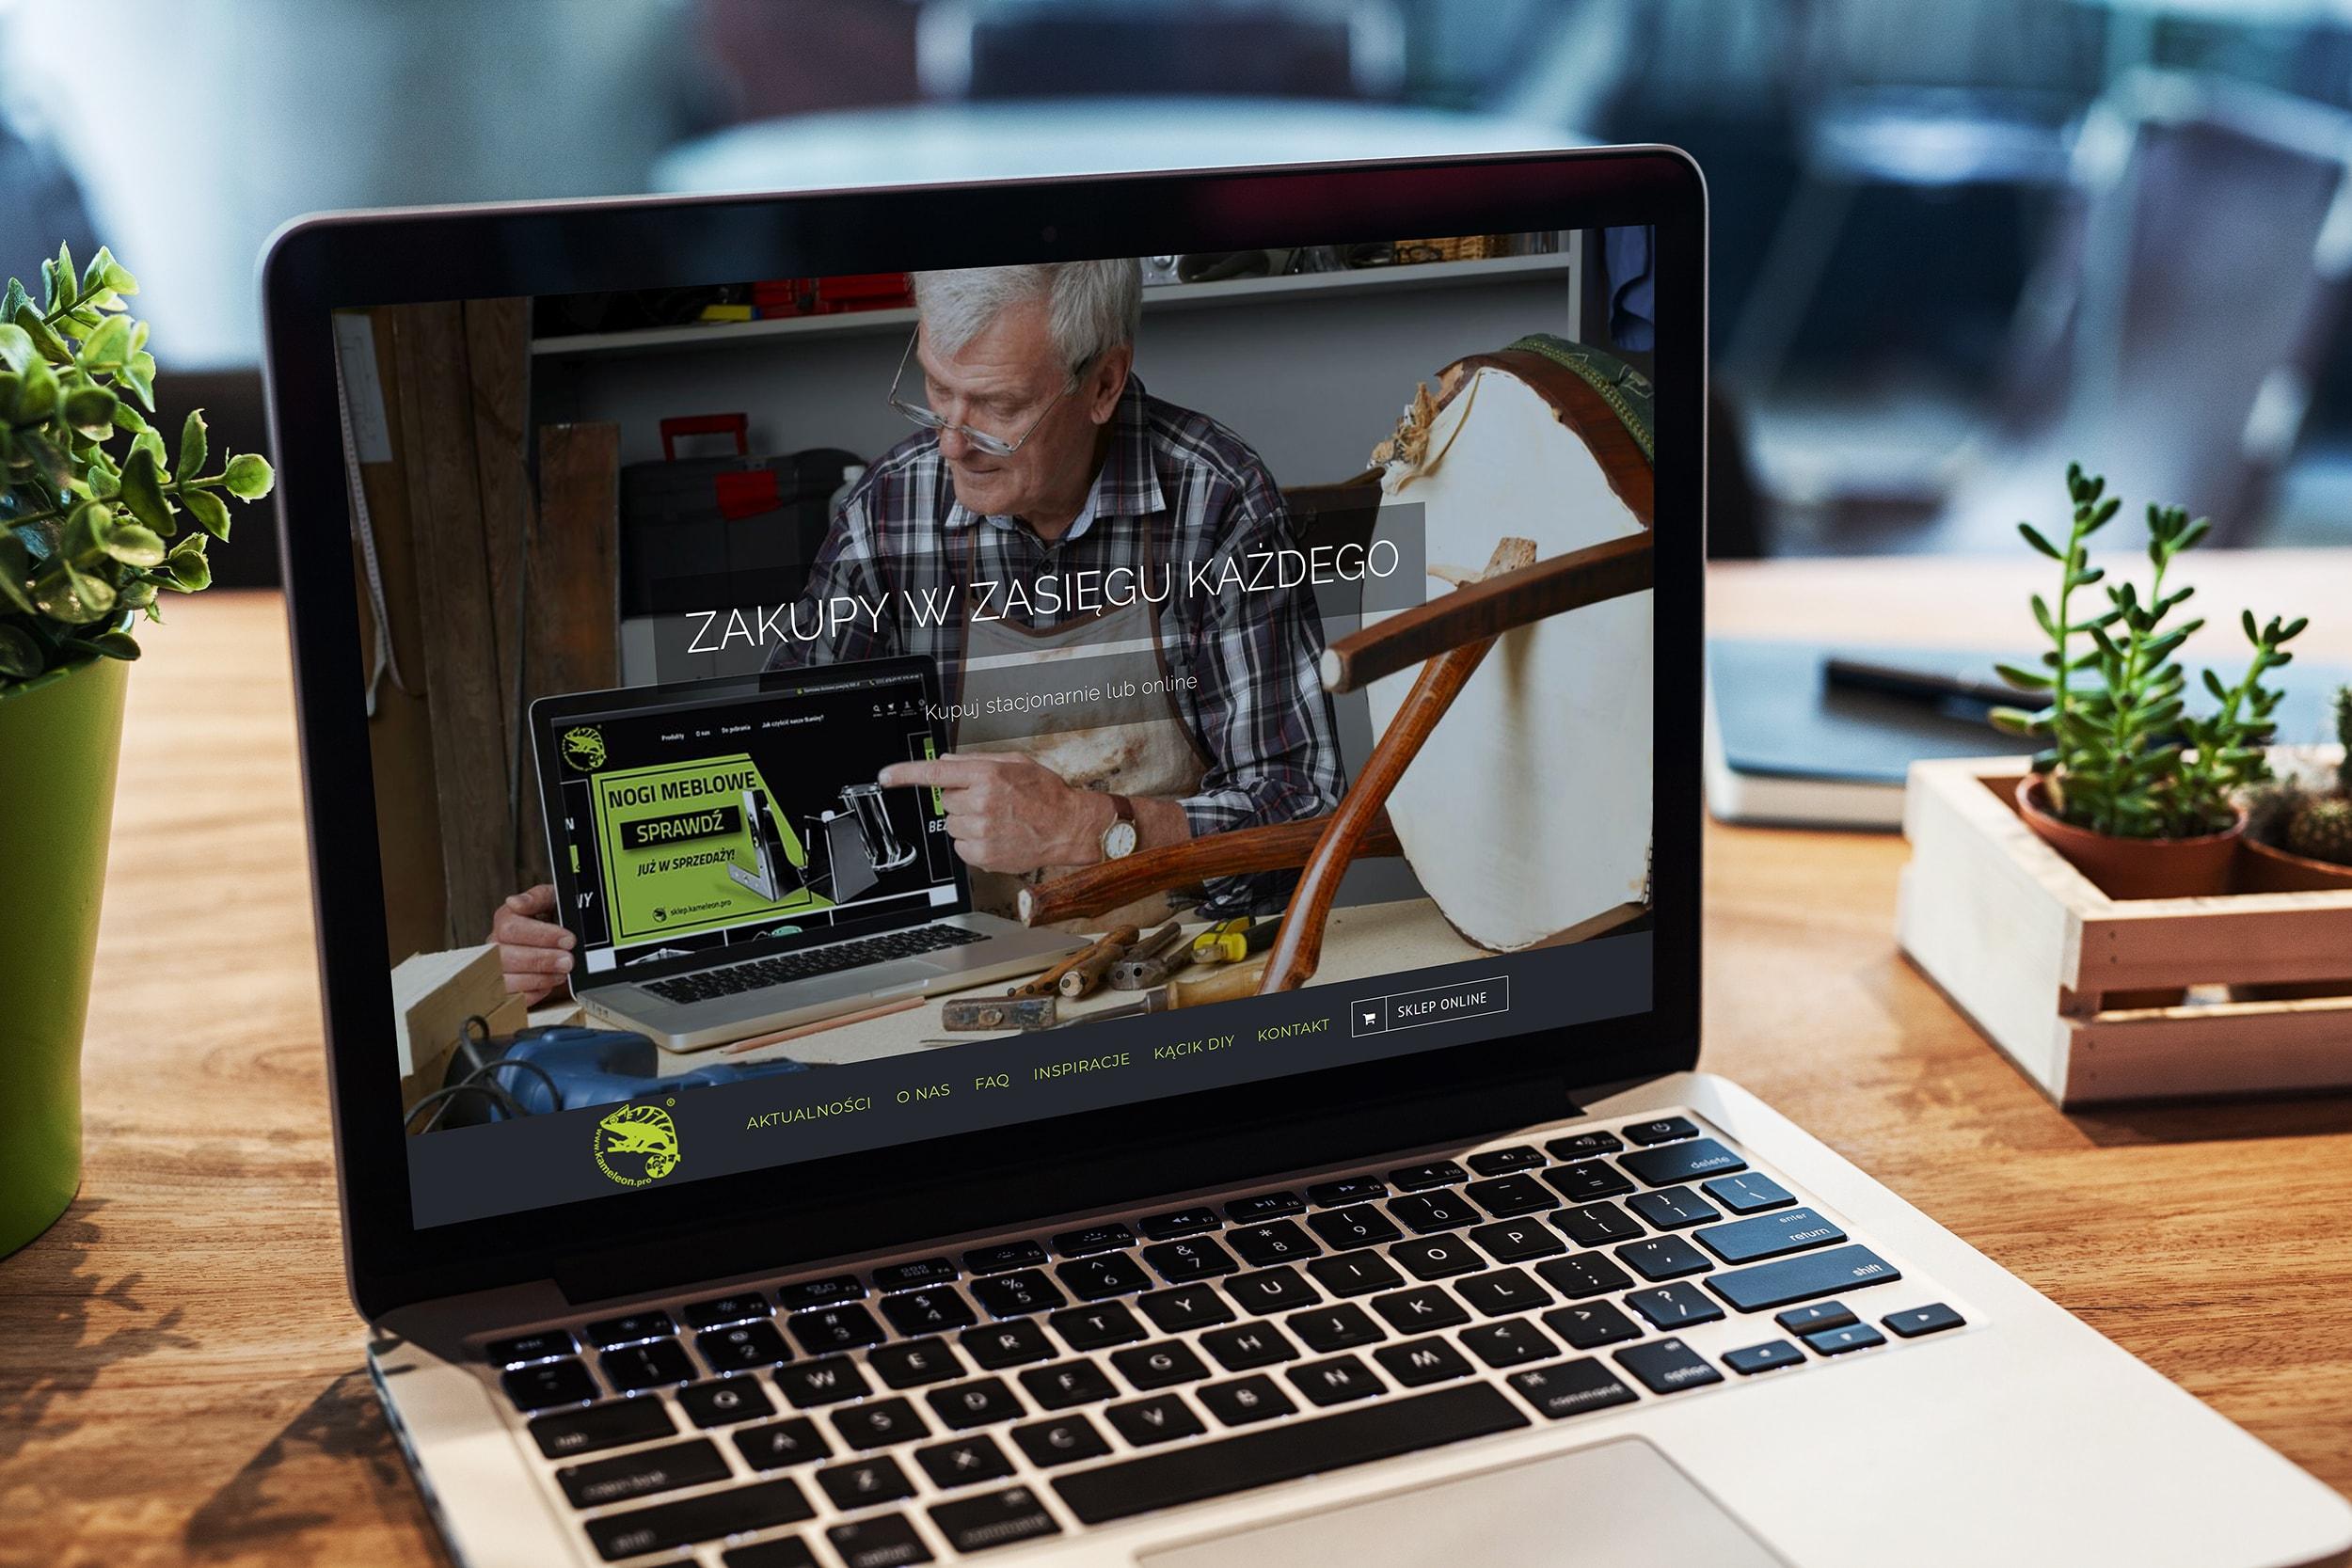 screenshot - strona internetowa kameleon pro kalwaria zebrzydowska